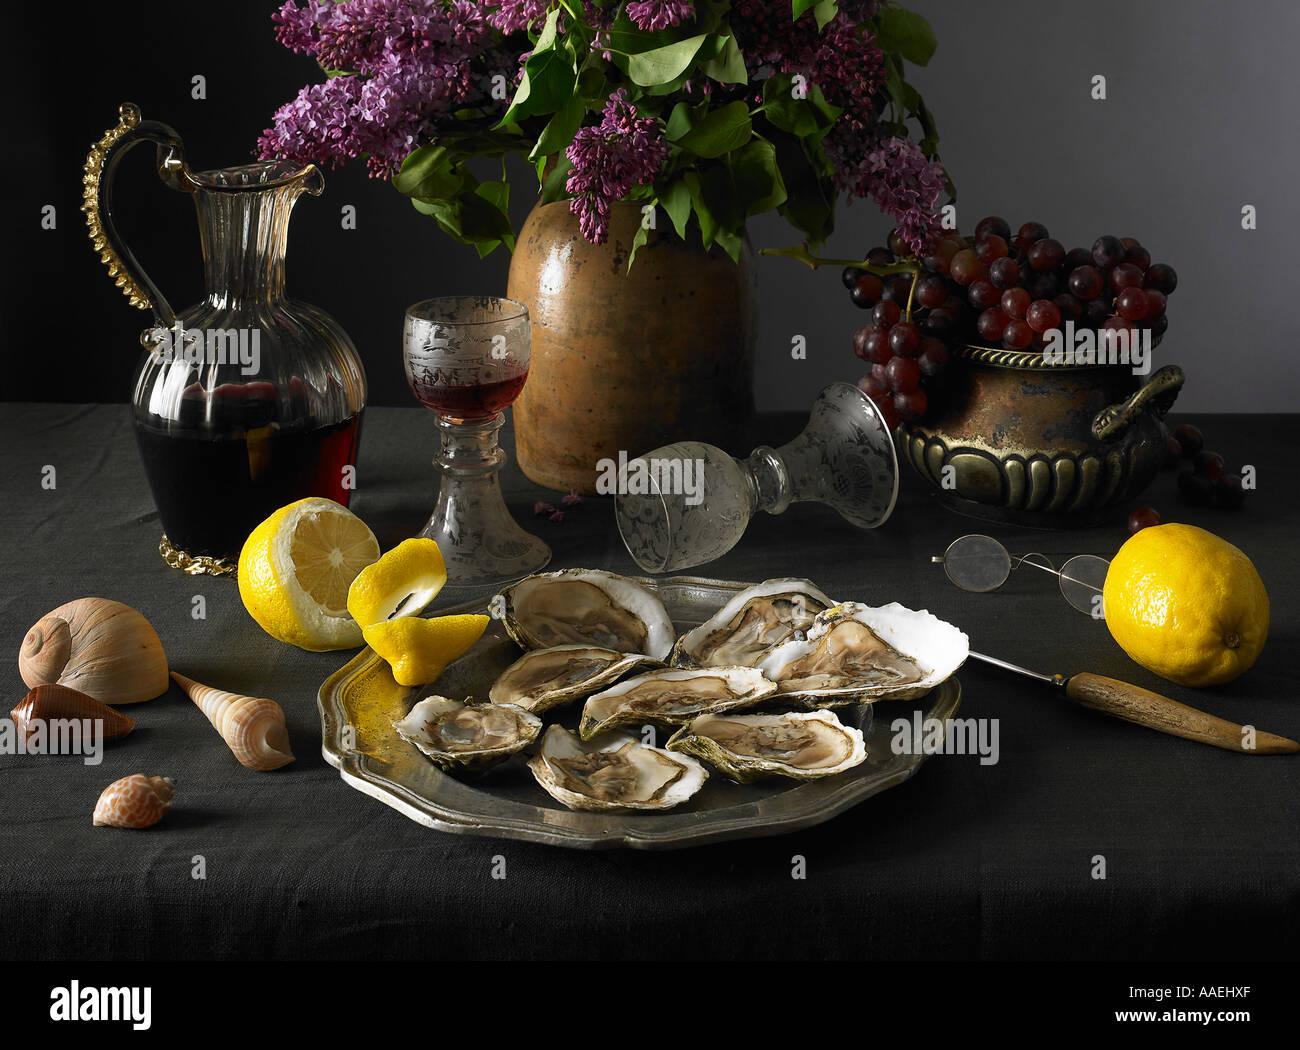 Les huîtres nature morte Photo Stock